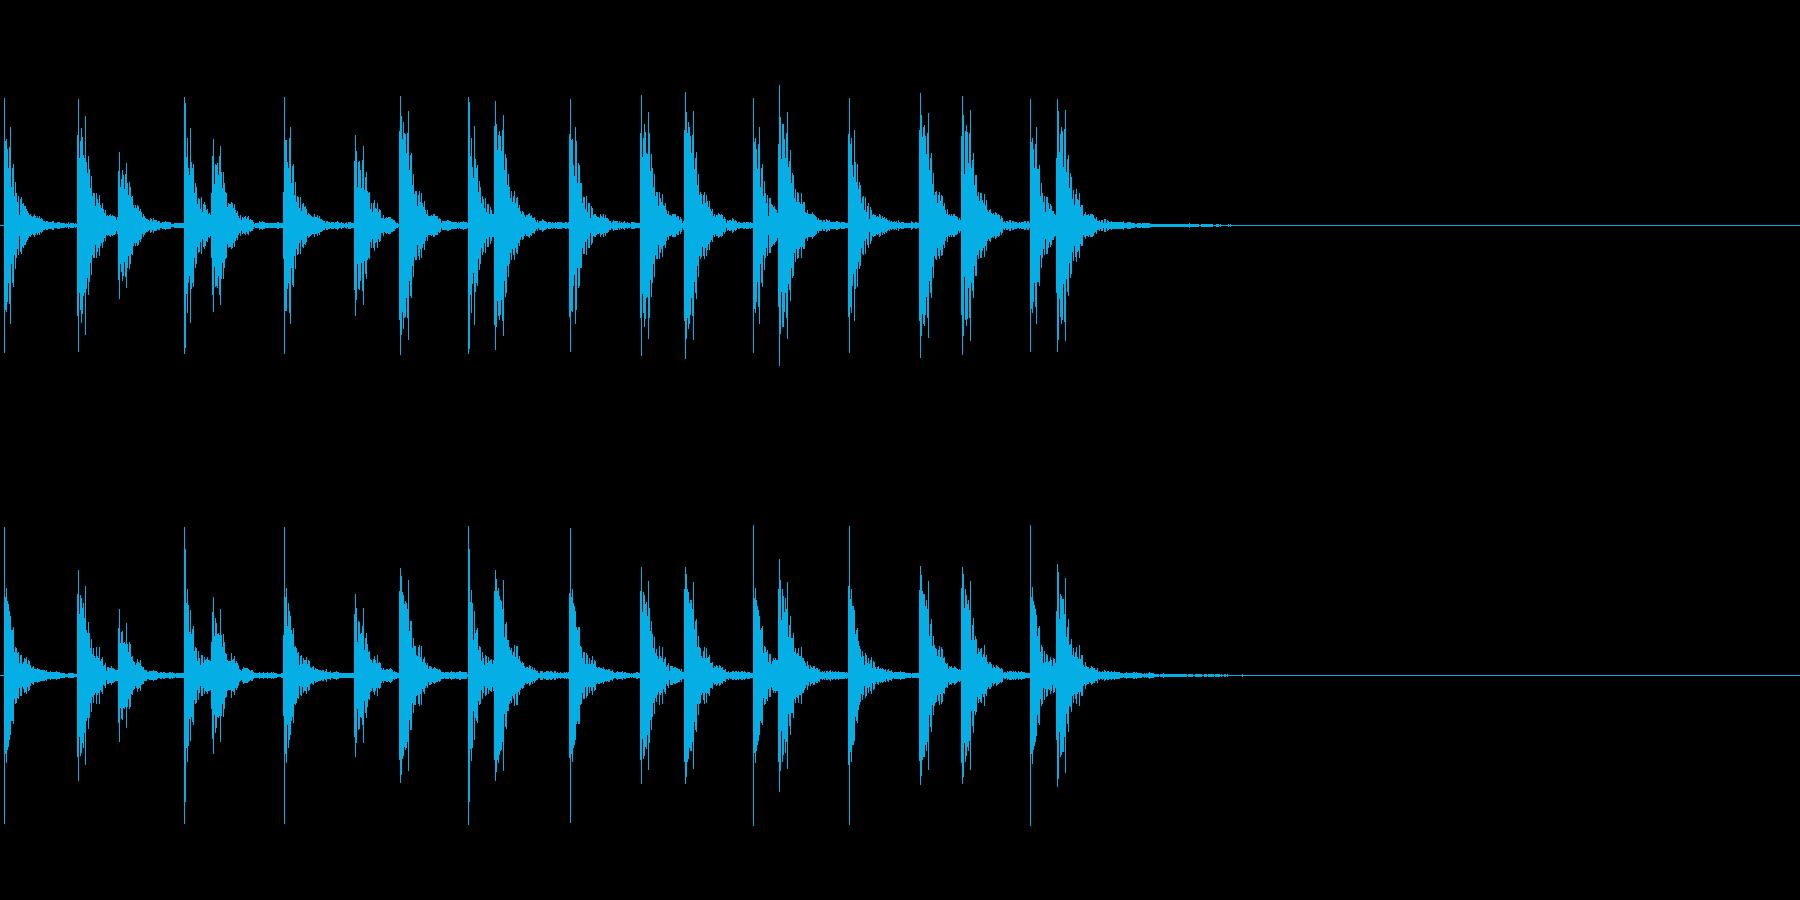 相撲の触れ太鼓「大拍子」フレーズ音2FXの再生済みの波形